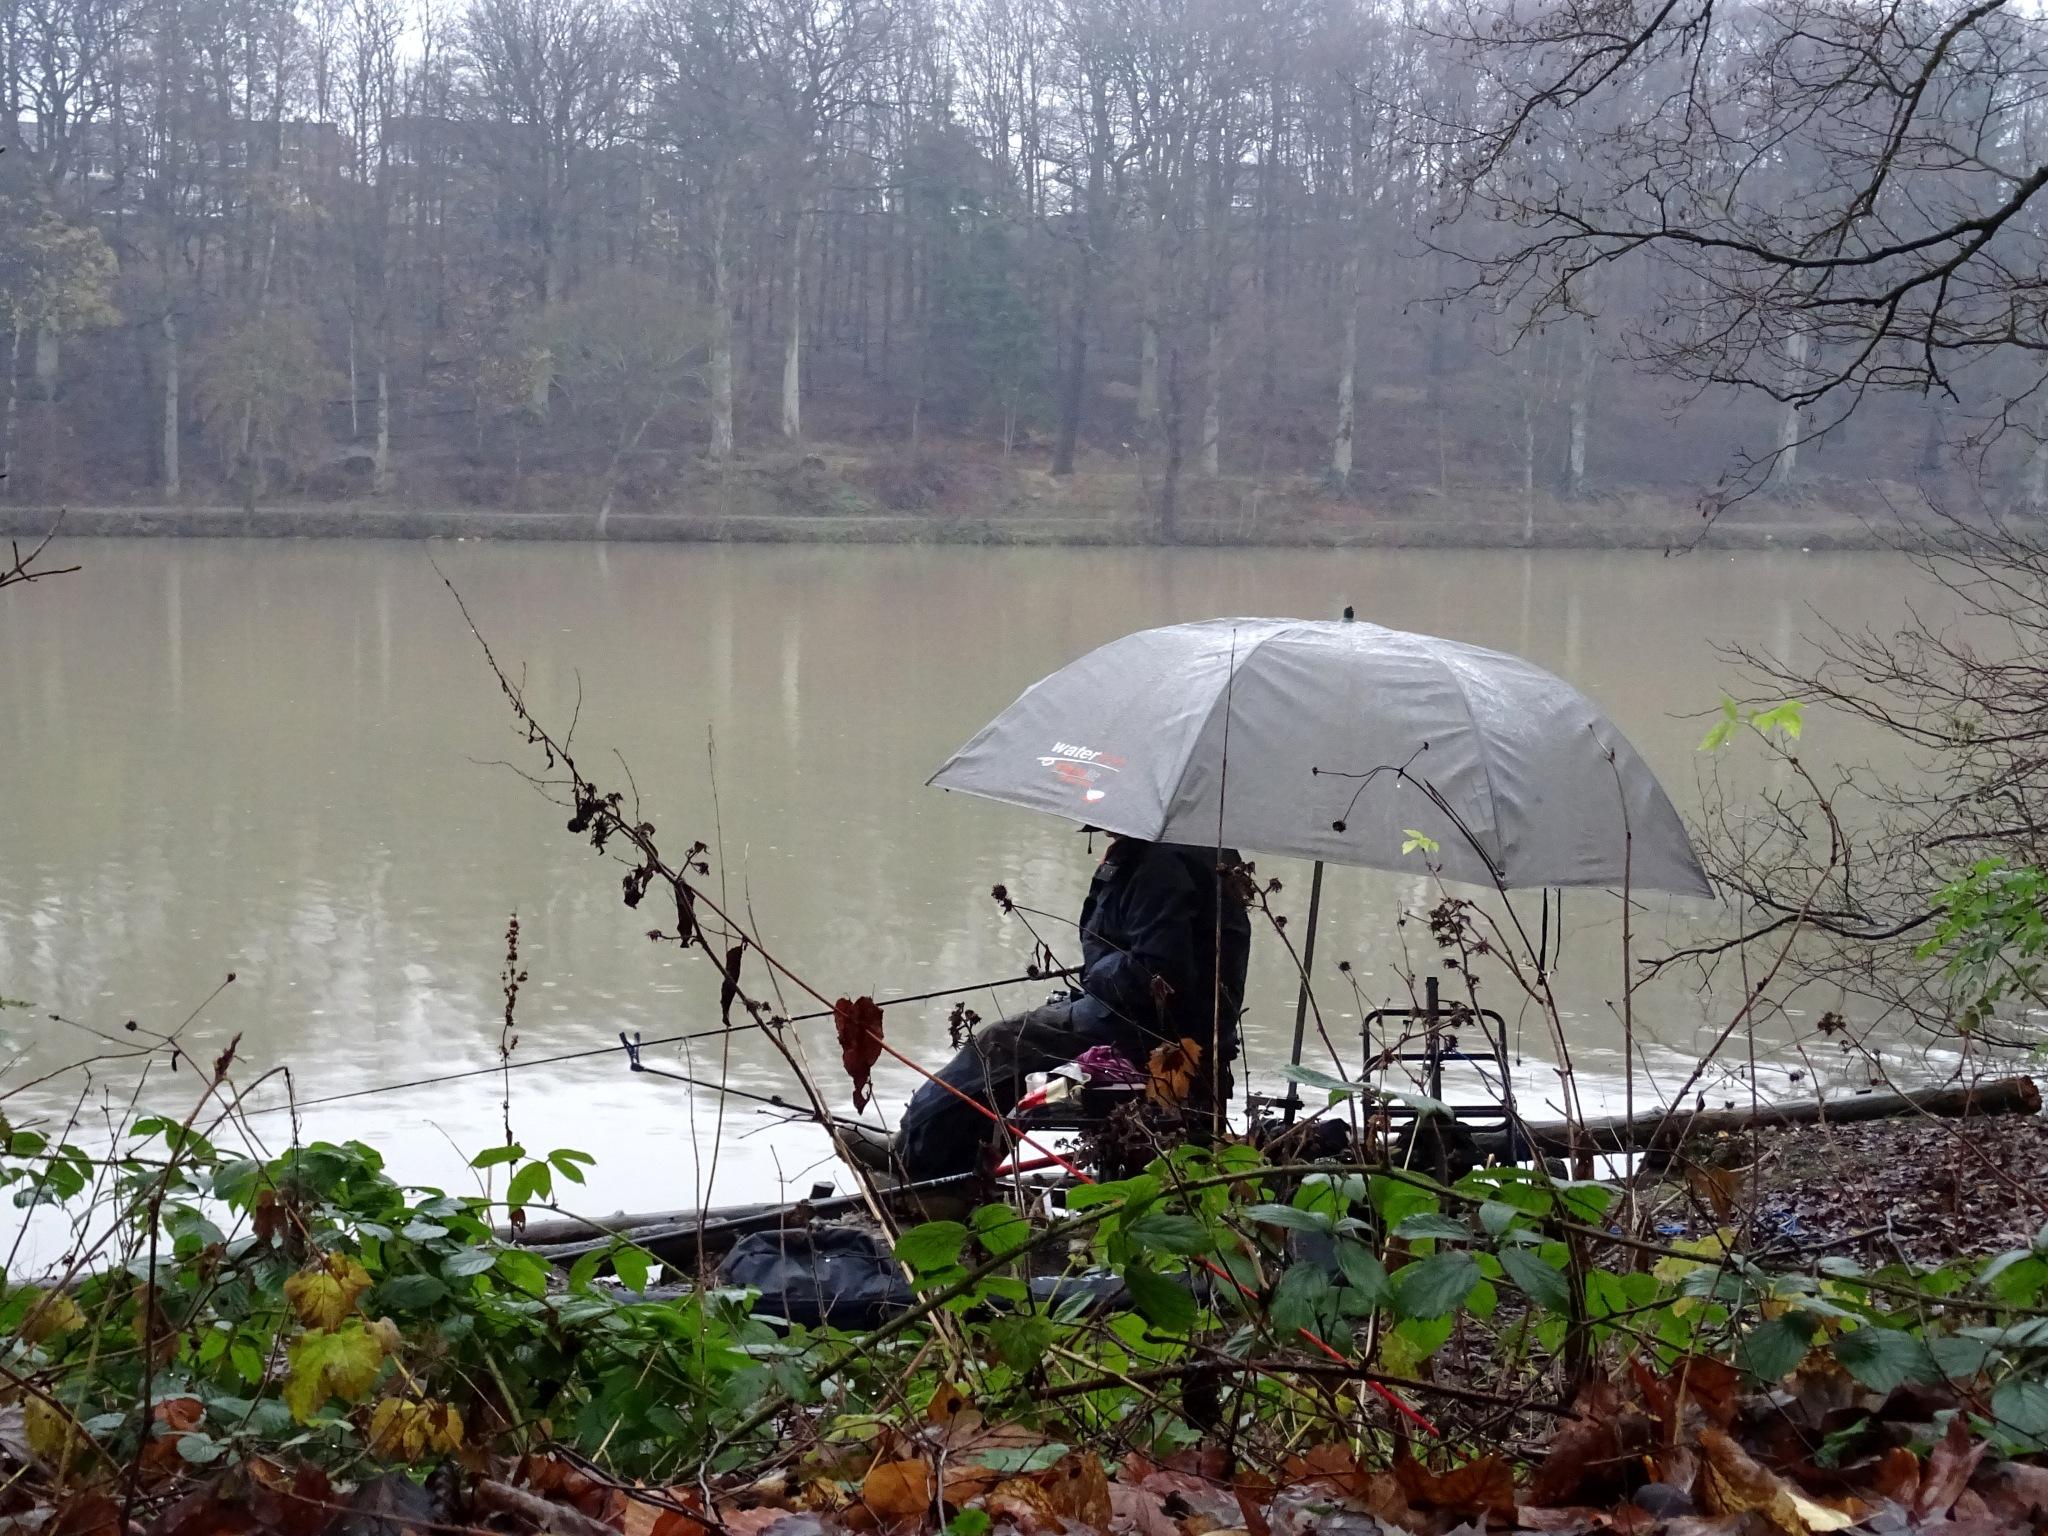 Fishing in the Fog by kayThornton